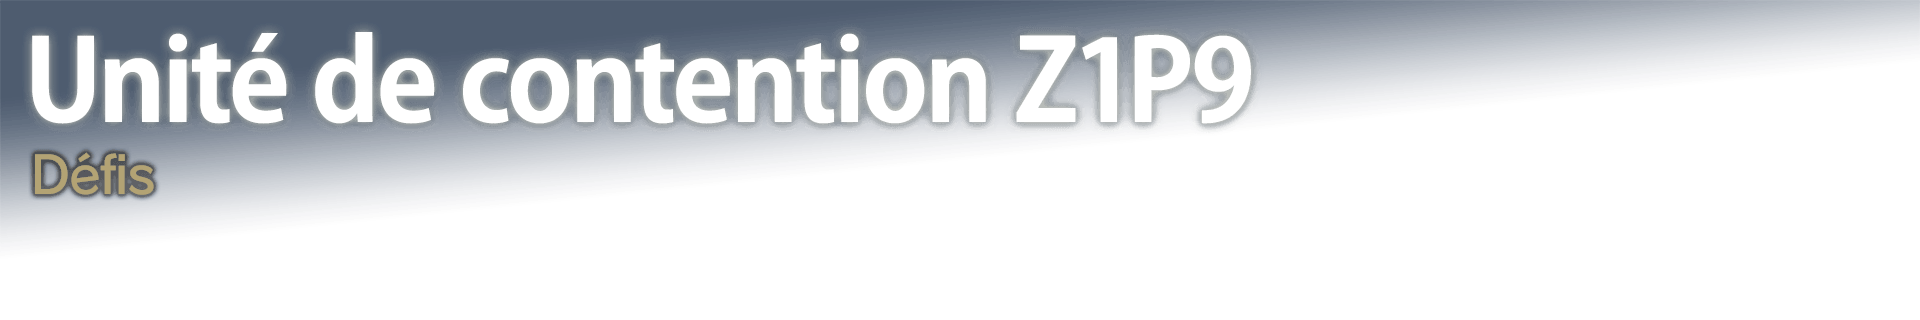 Unité de contention Z1P9